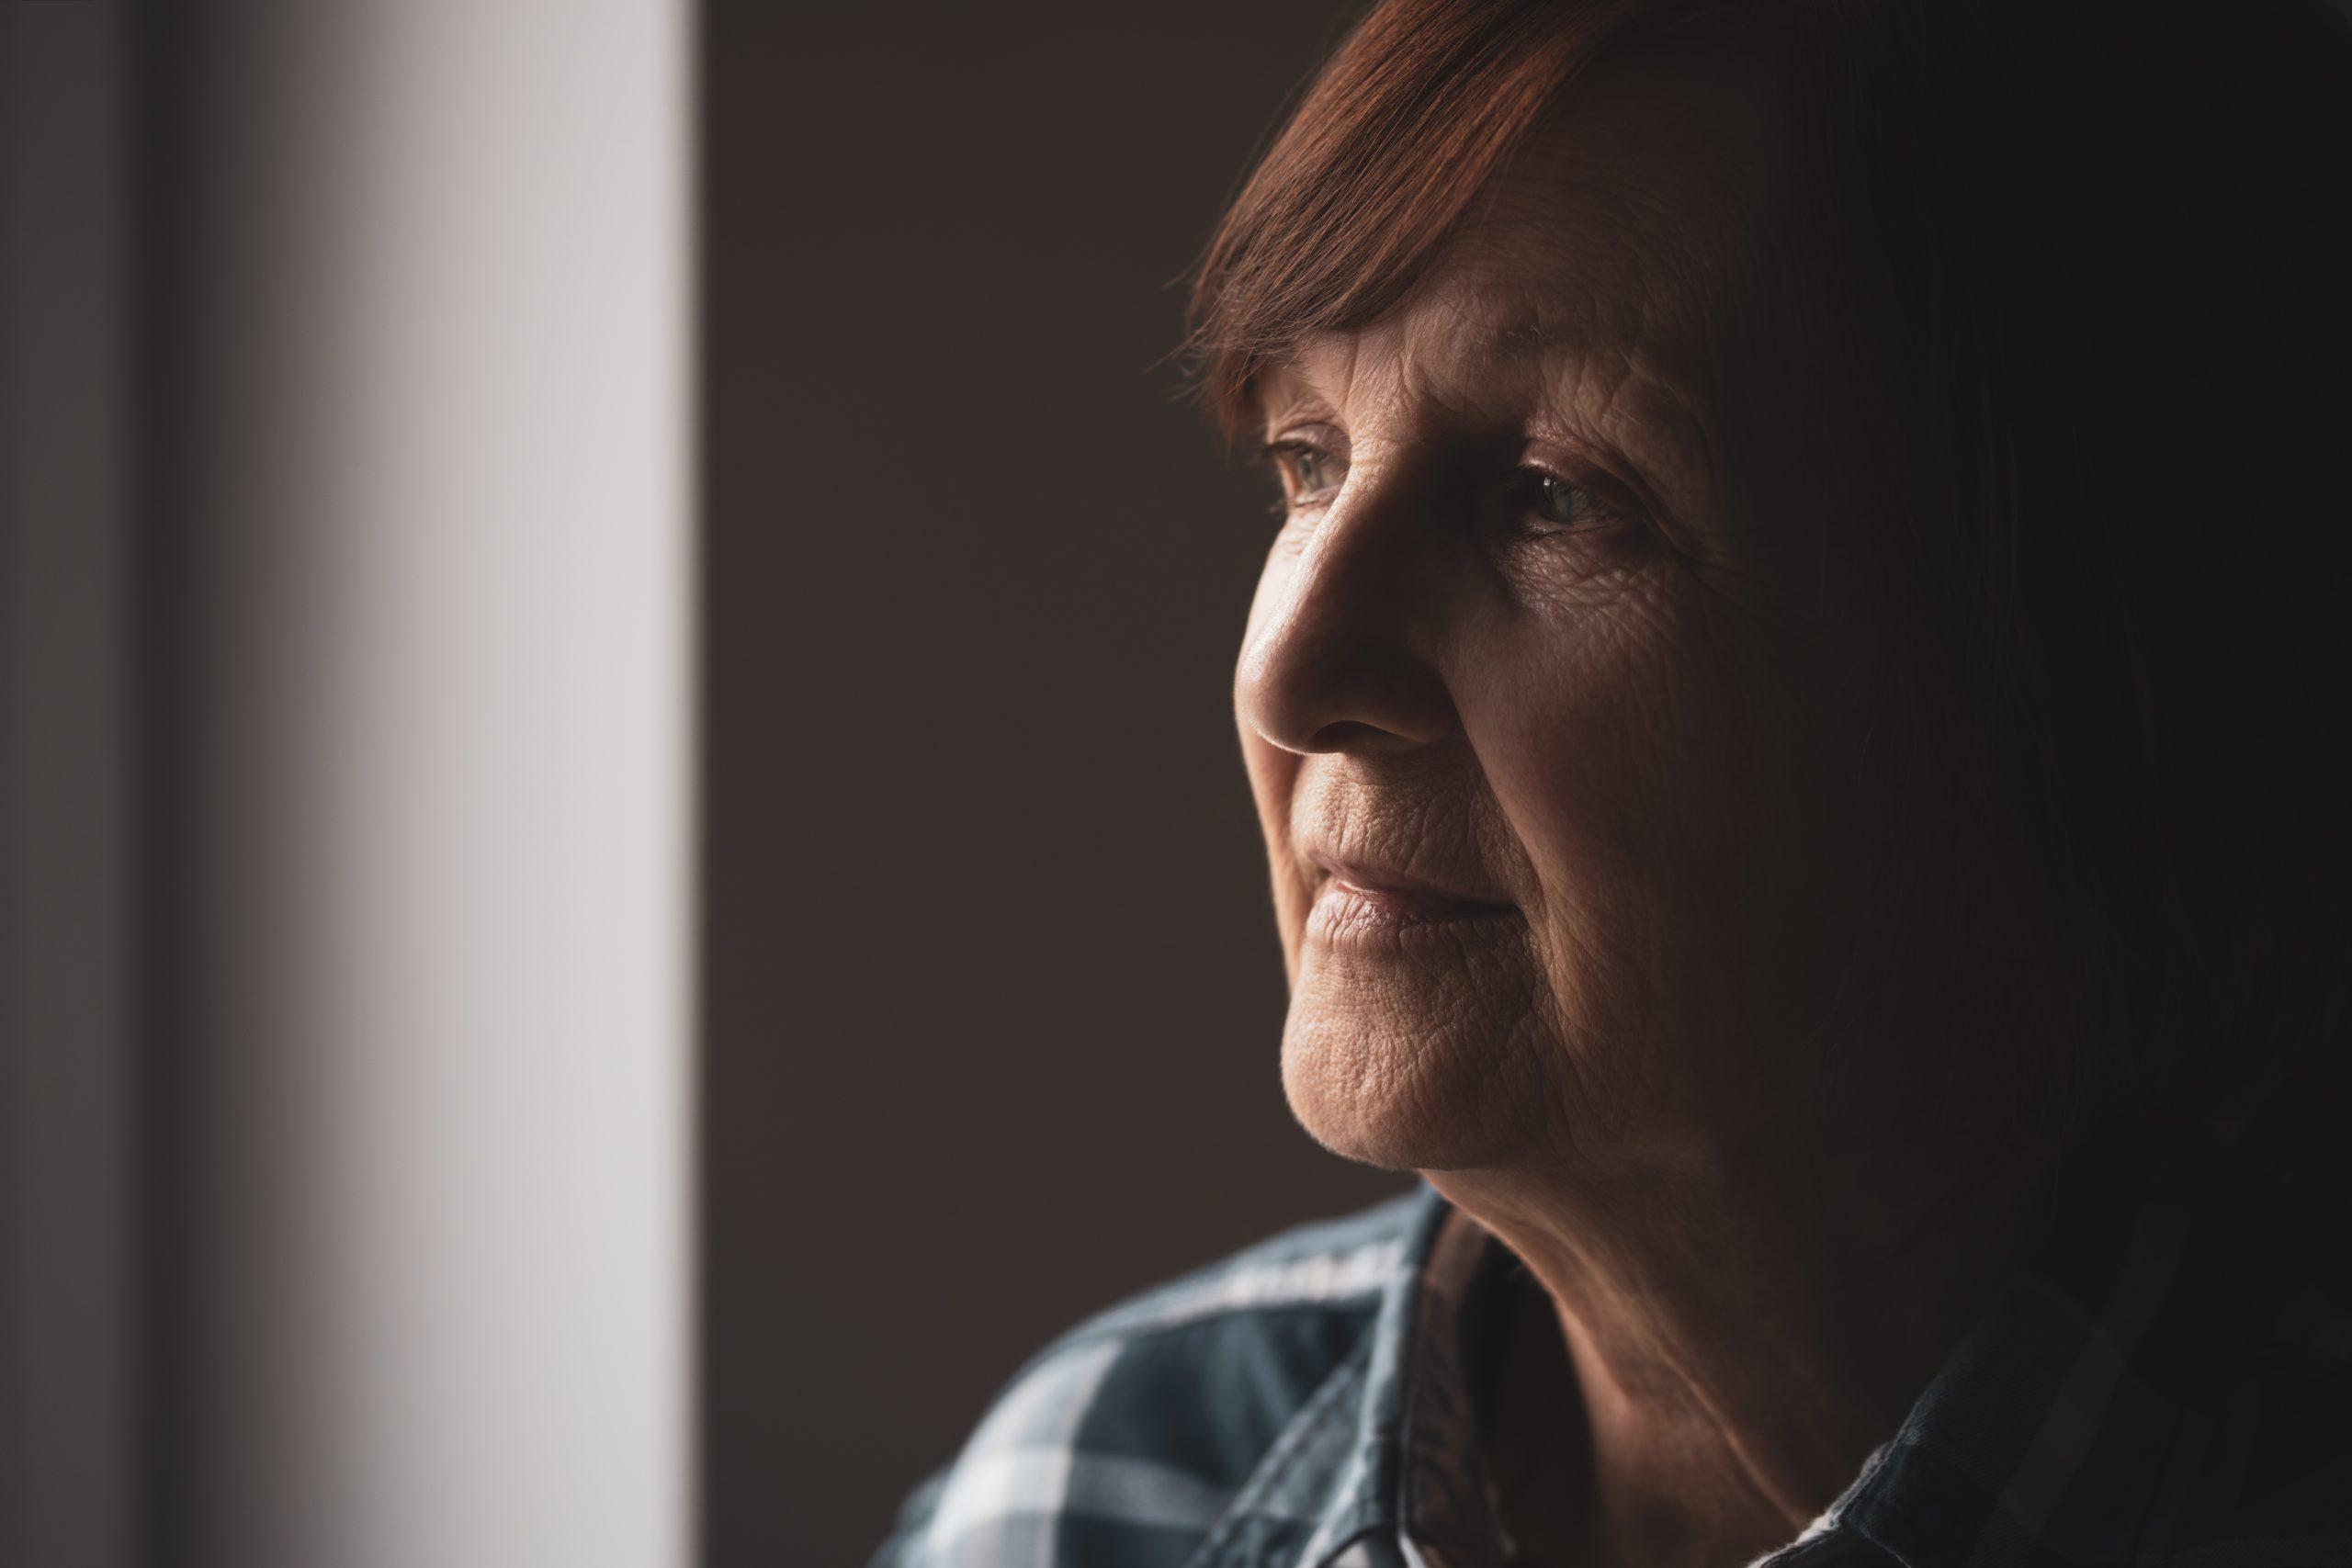 Mayor riesgo de demencia a medida que los perfiles cardiovasculares se deterioran después de la menopausia